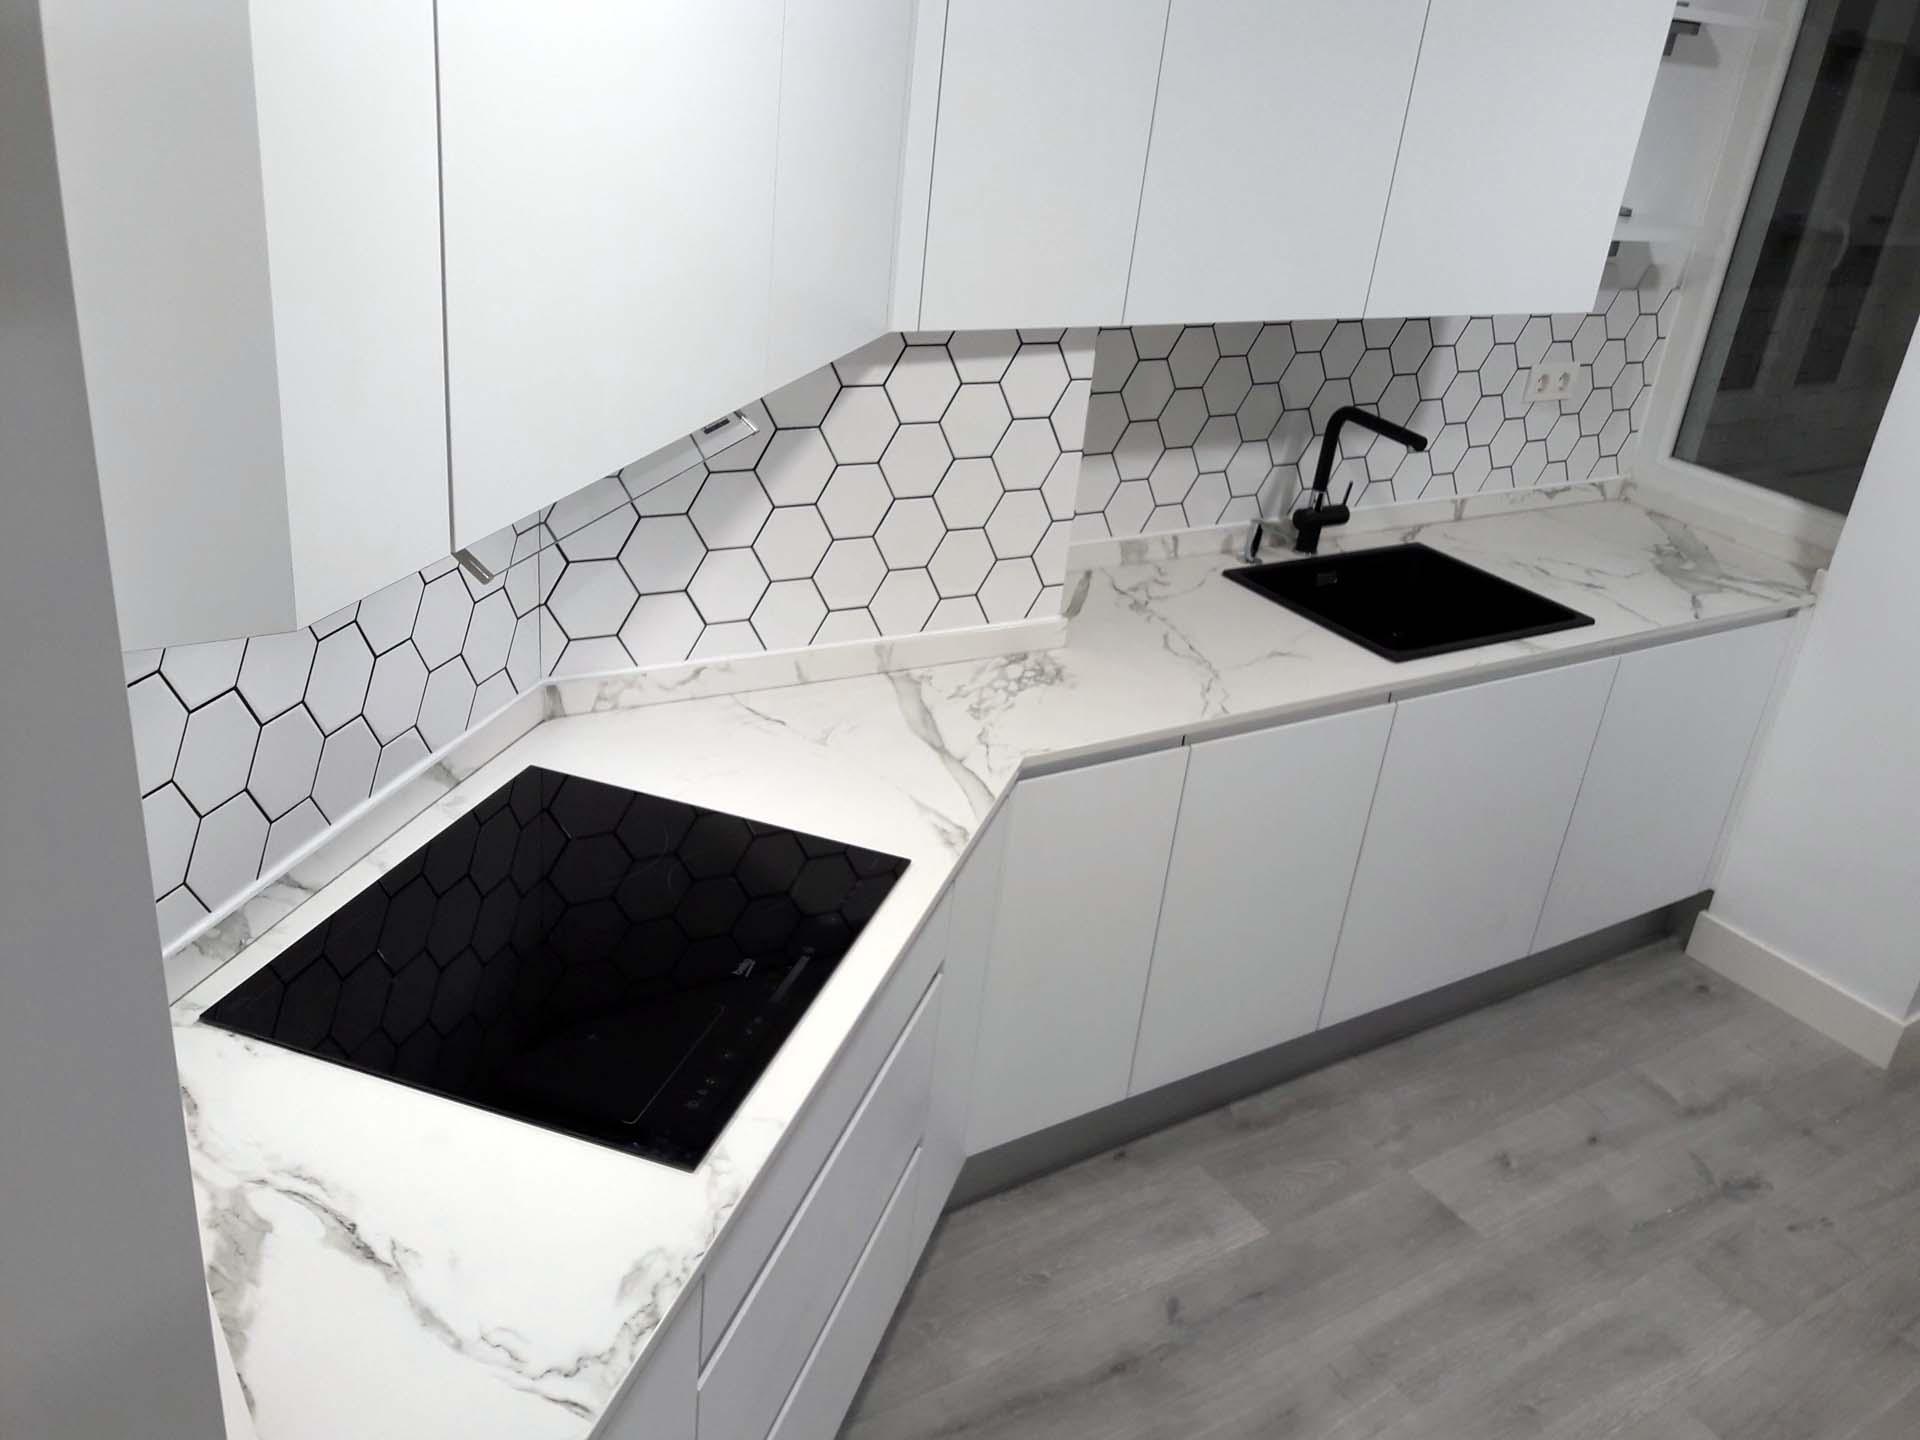 cocina blanca arnit estratificado